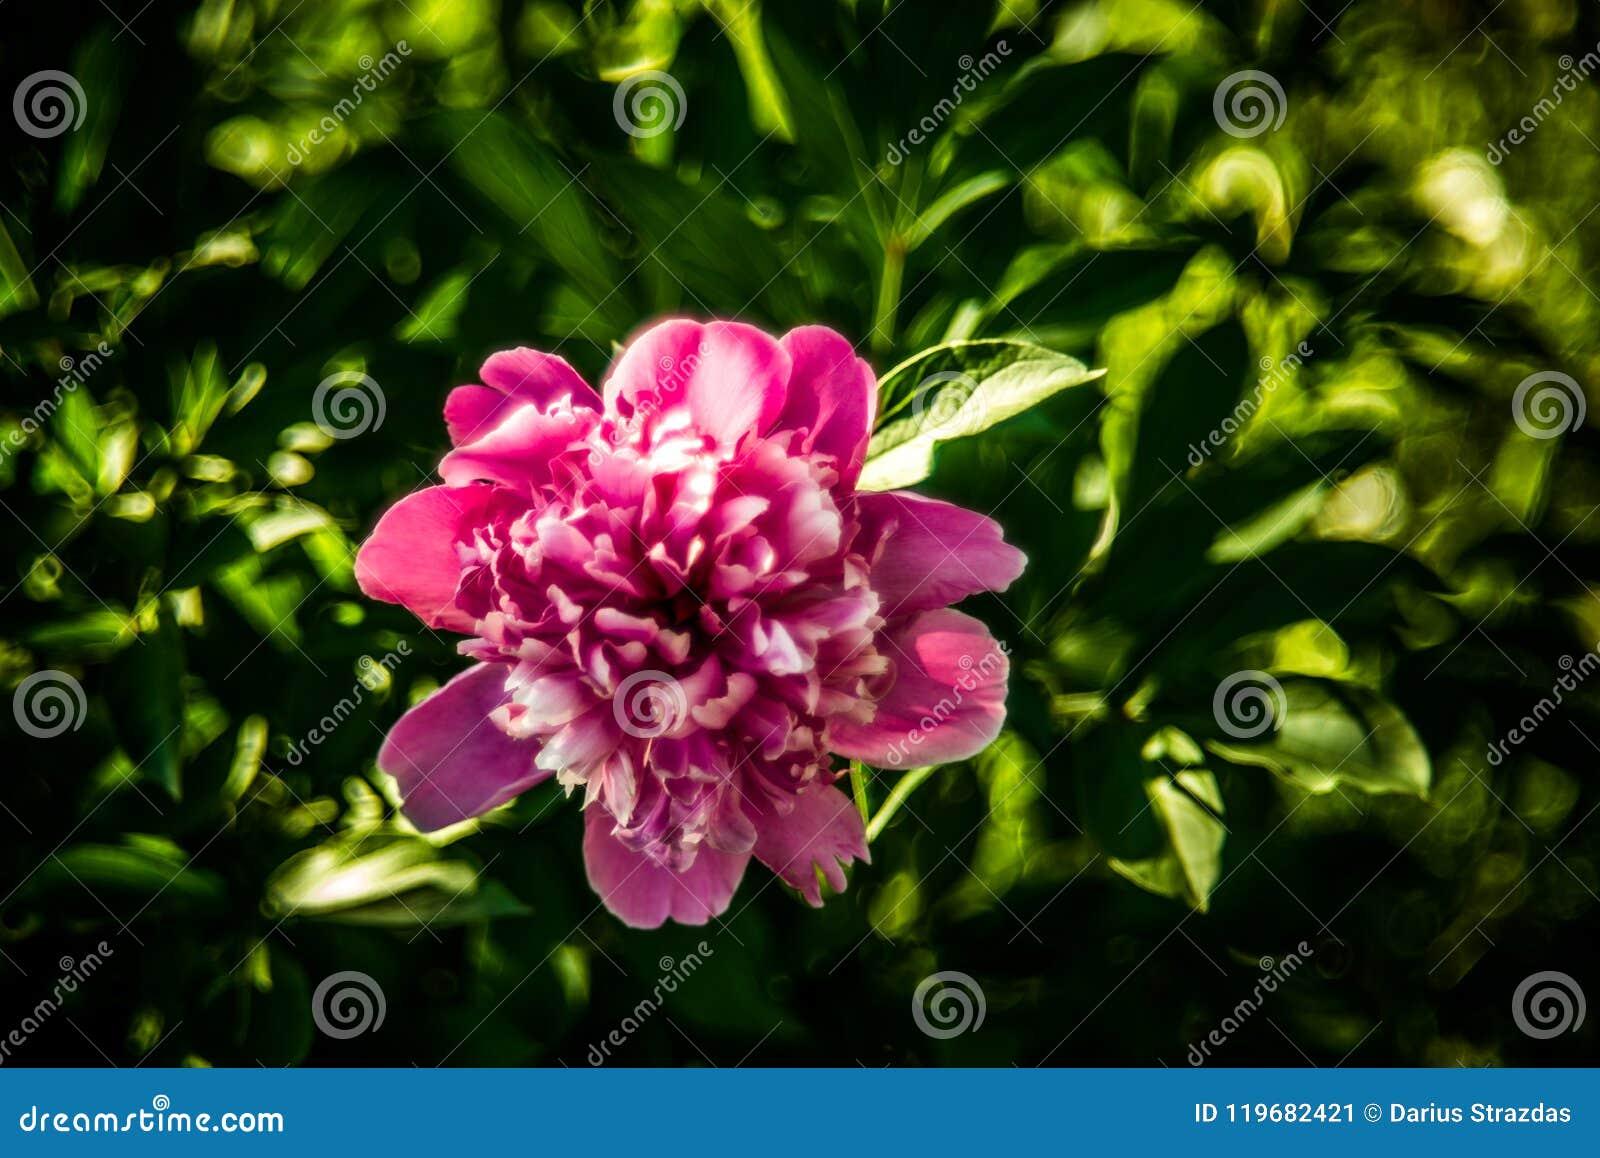 Flor cor-de-rosa do peony